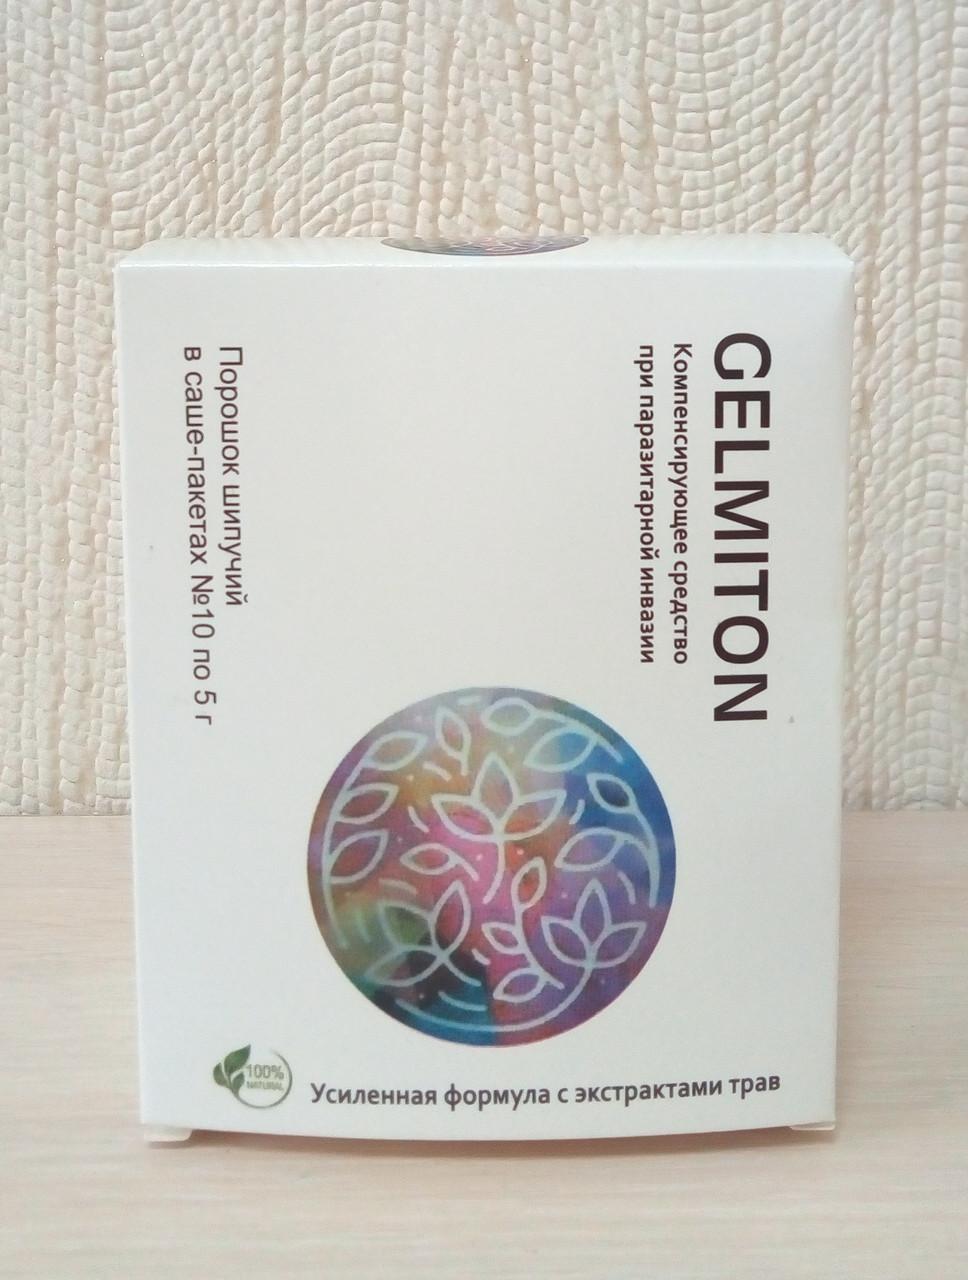 Gelmiton - Засіб від гельмінтів і глистів Гельмитон